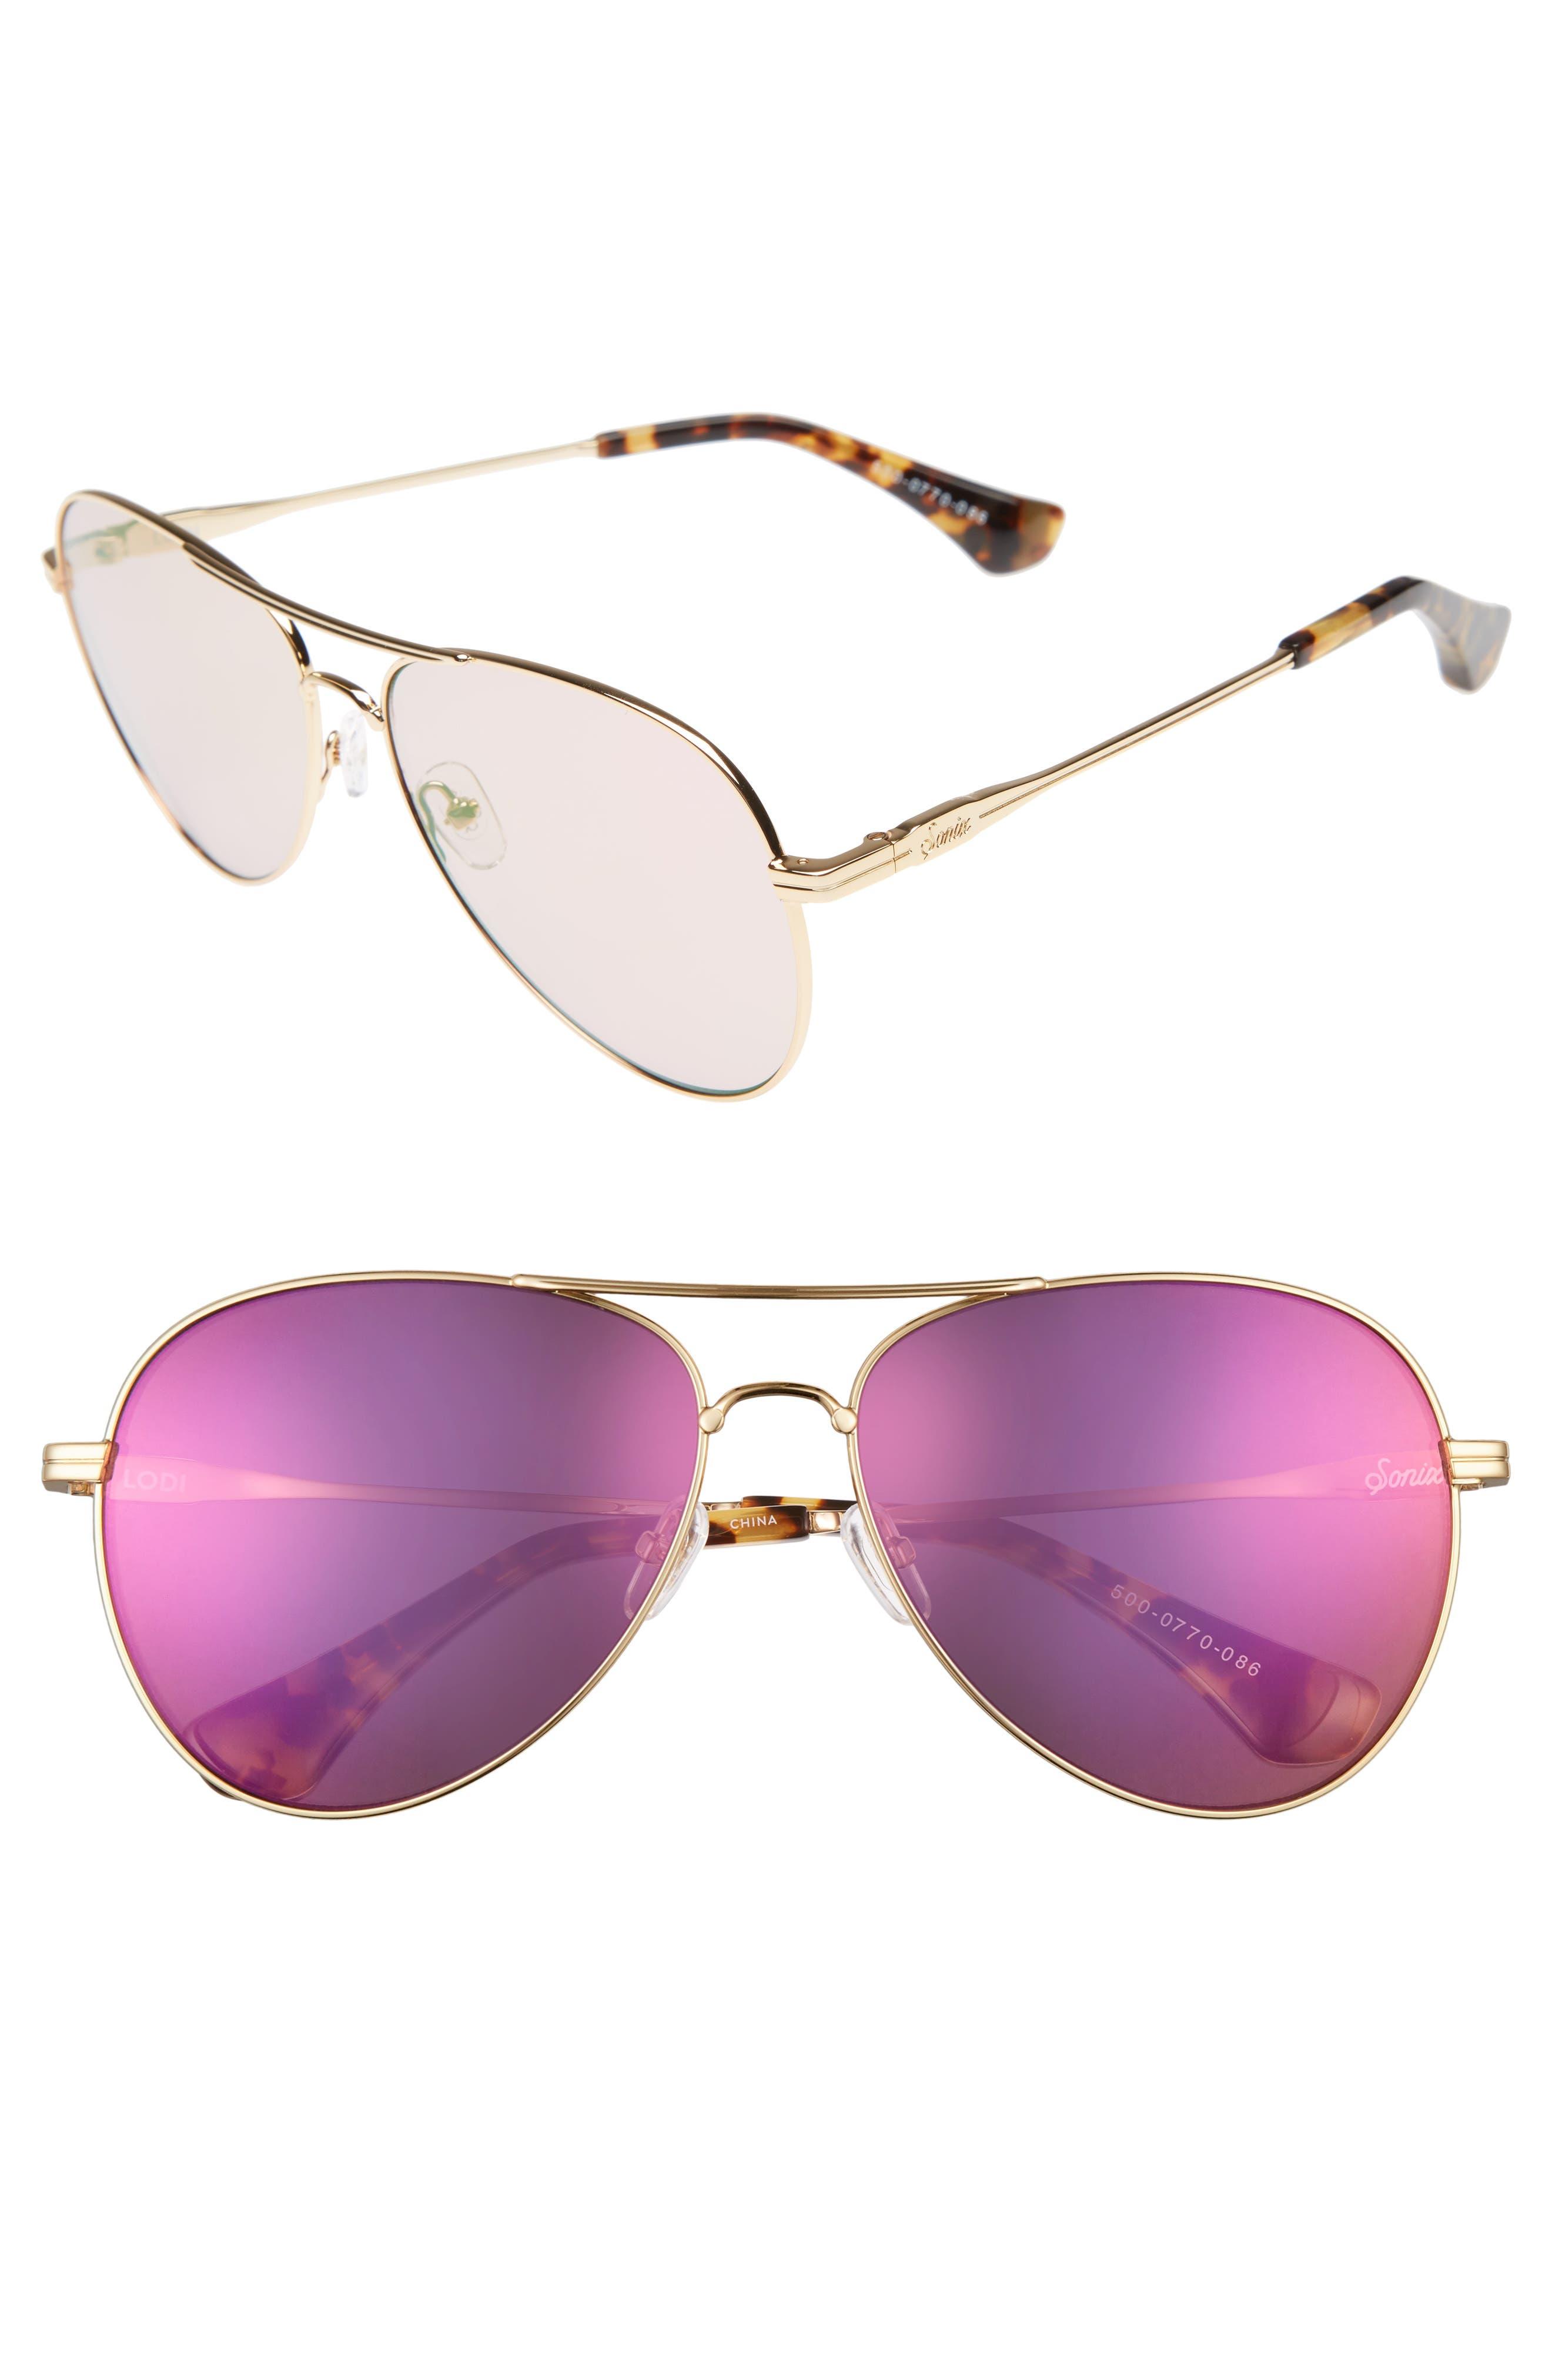 Lodi 61mm Mirrored Aviator Sunglasses,                         Main,                         color, Gold Wire/ Lilac Mirror